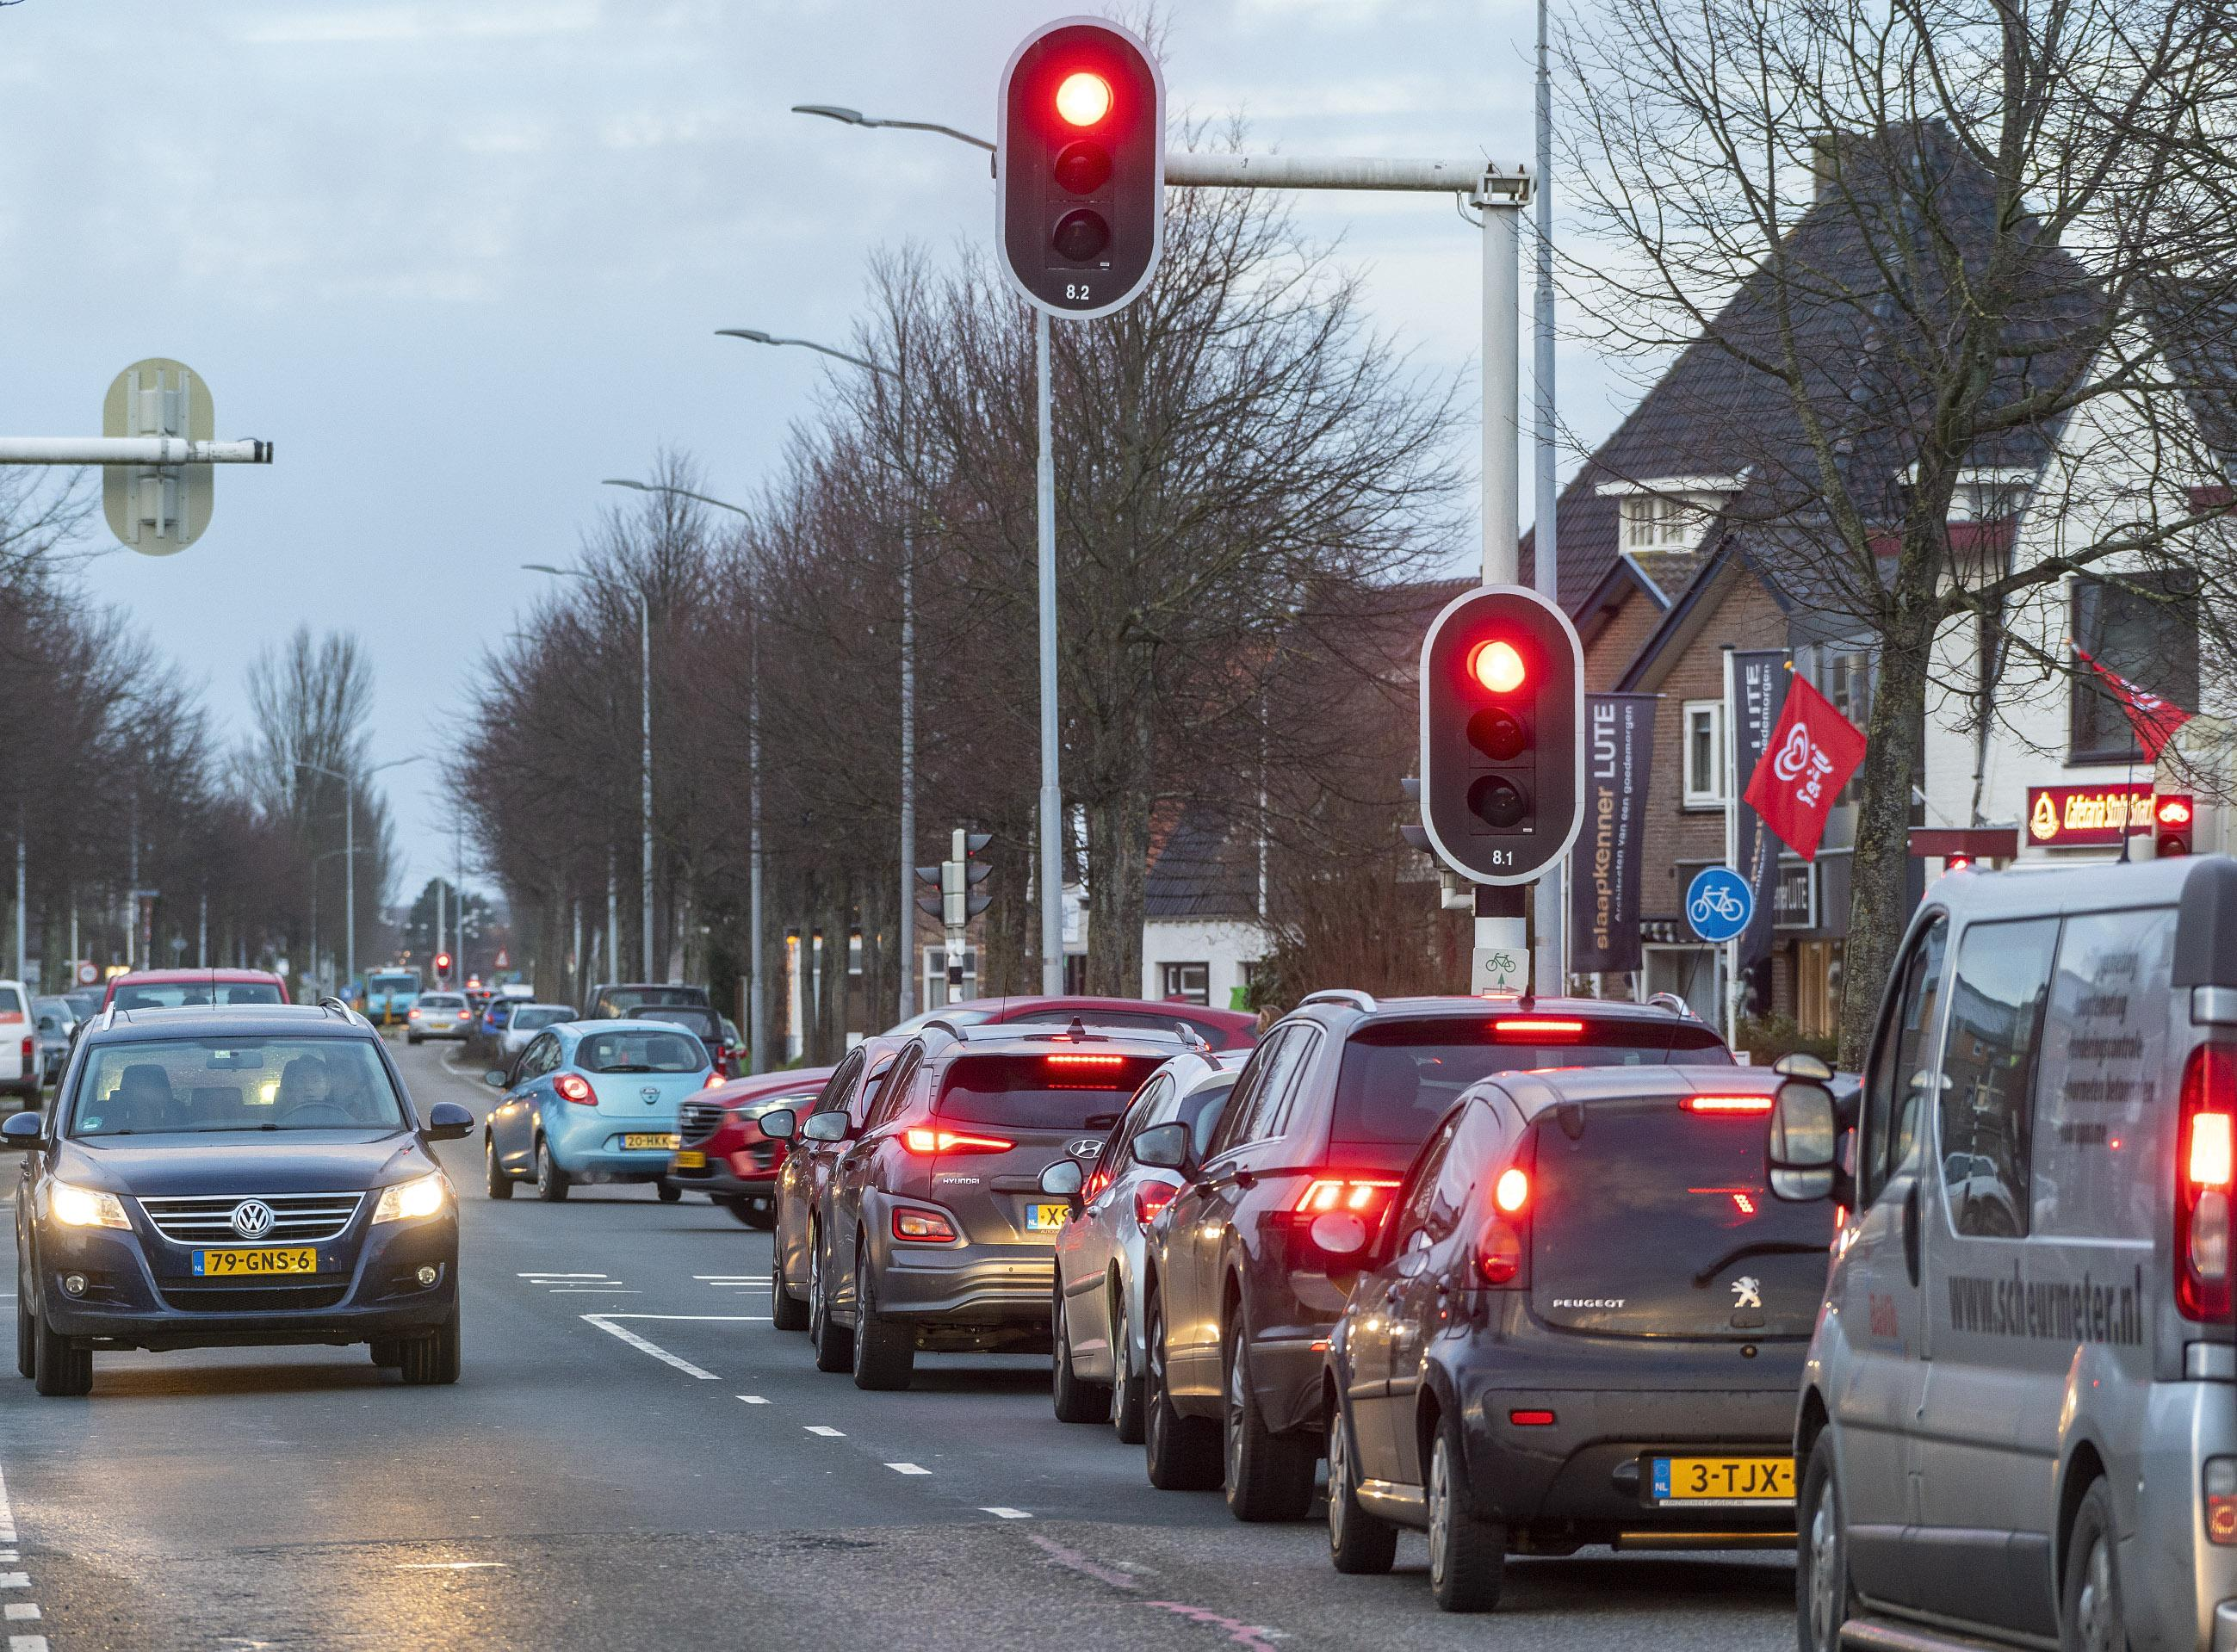 Woningbouw gaat gestaag door, afslag A9 is er nog niet: de Rijksweg in Limmen gaat vollopen